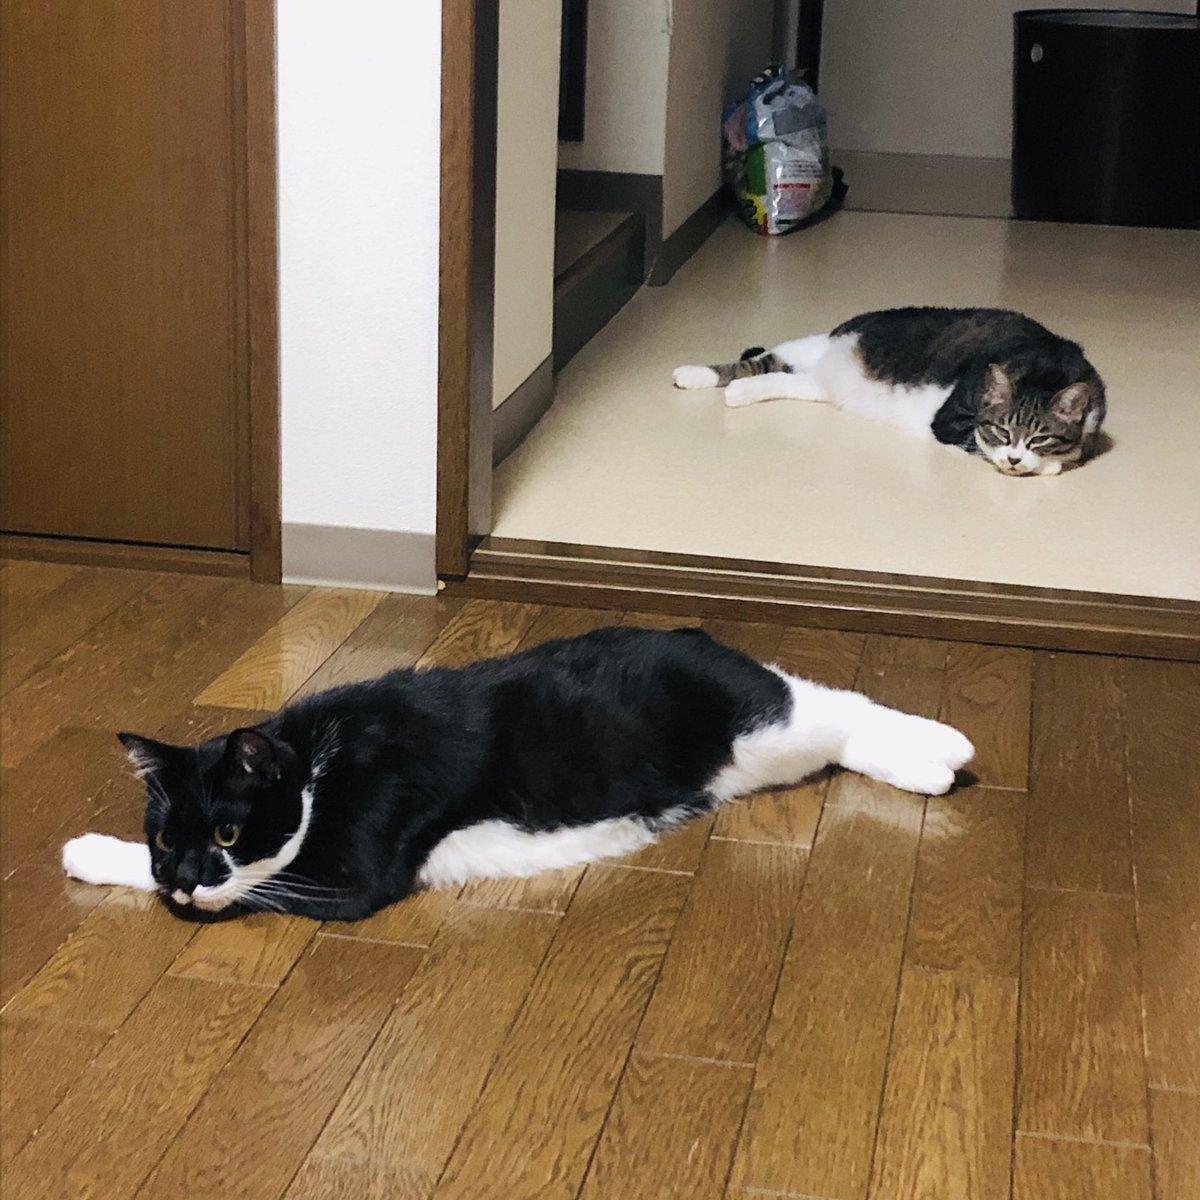 ねこが床に転がる季節の到来である  #ねこ #猫 #cat